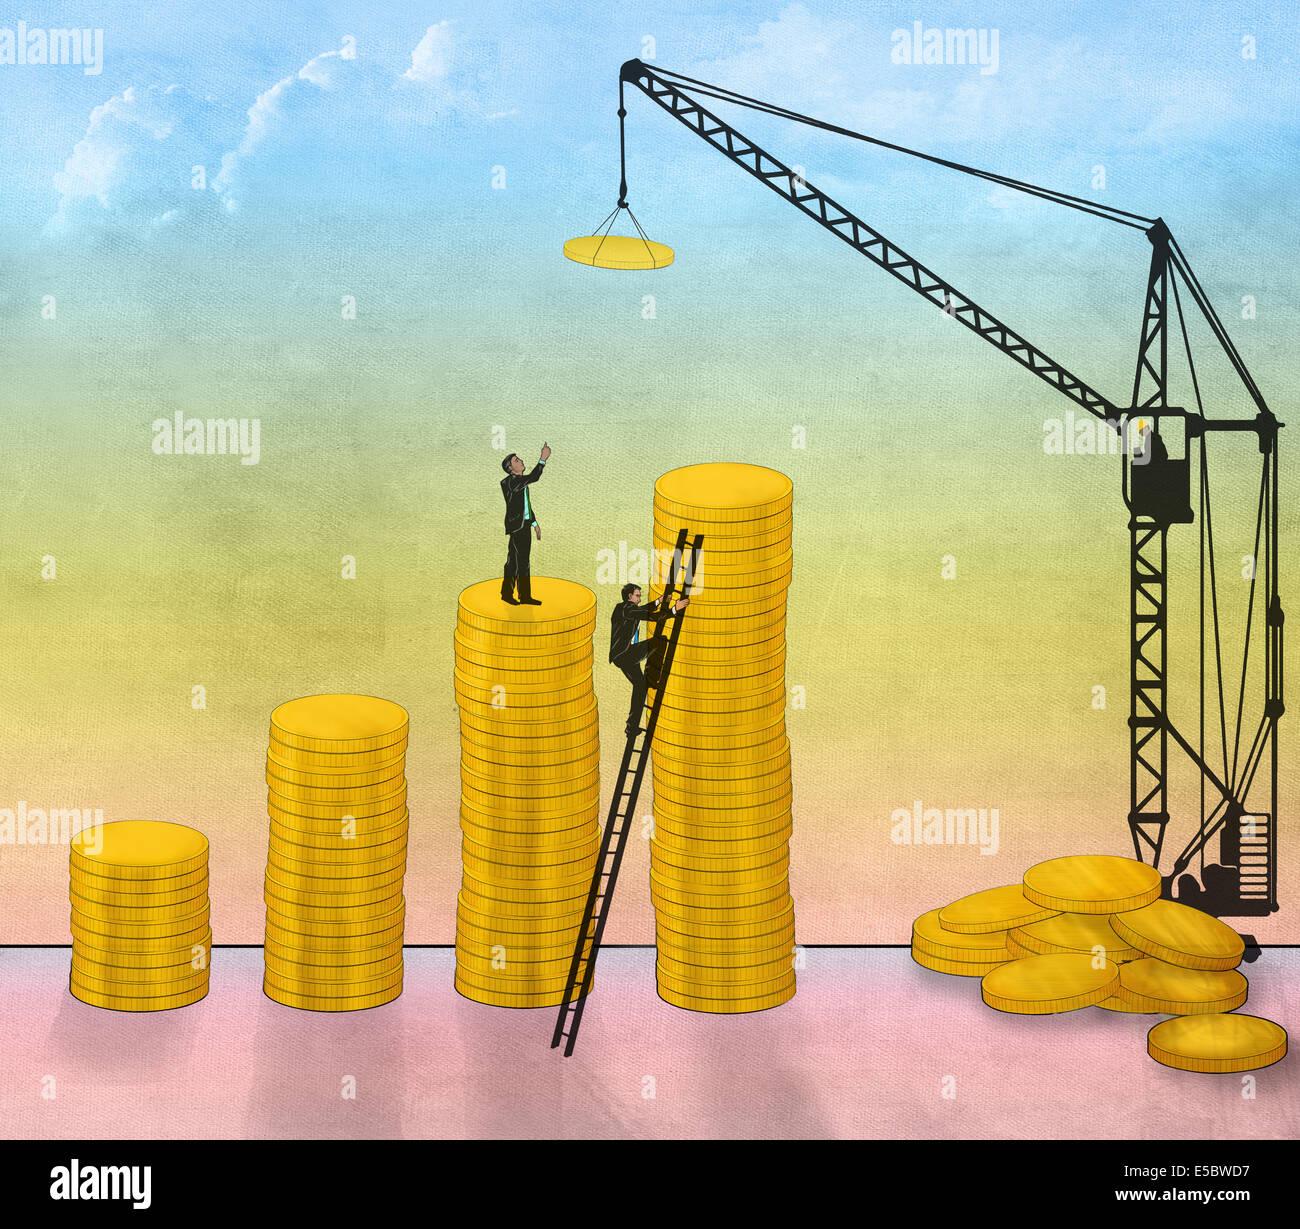 Anschauliches Bild von Geschäftsleuten Bau Münze Balkendiagramm für Geschäftsentwicklung Stockbild